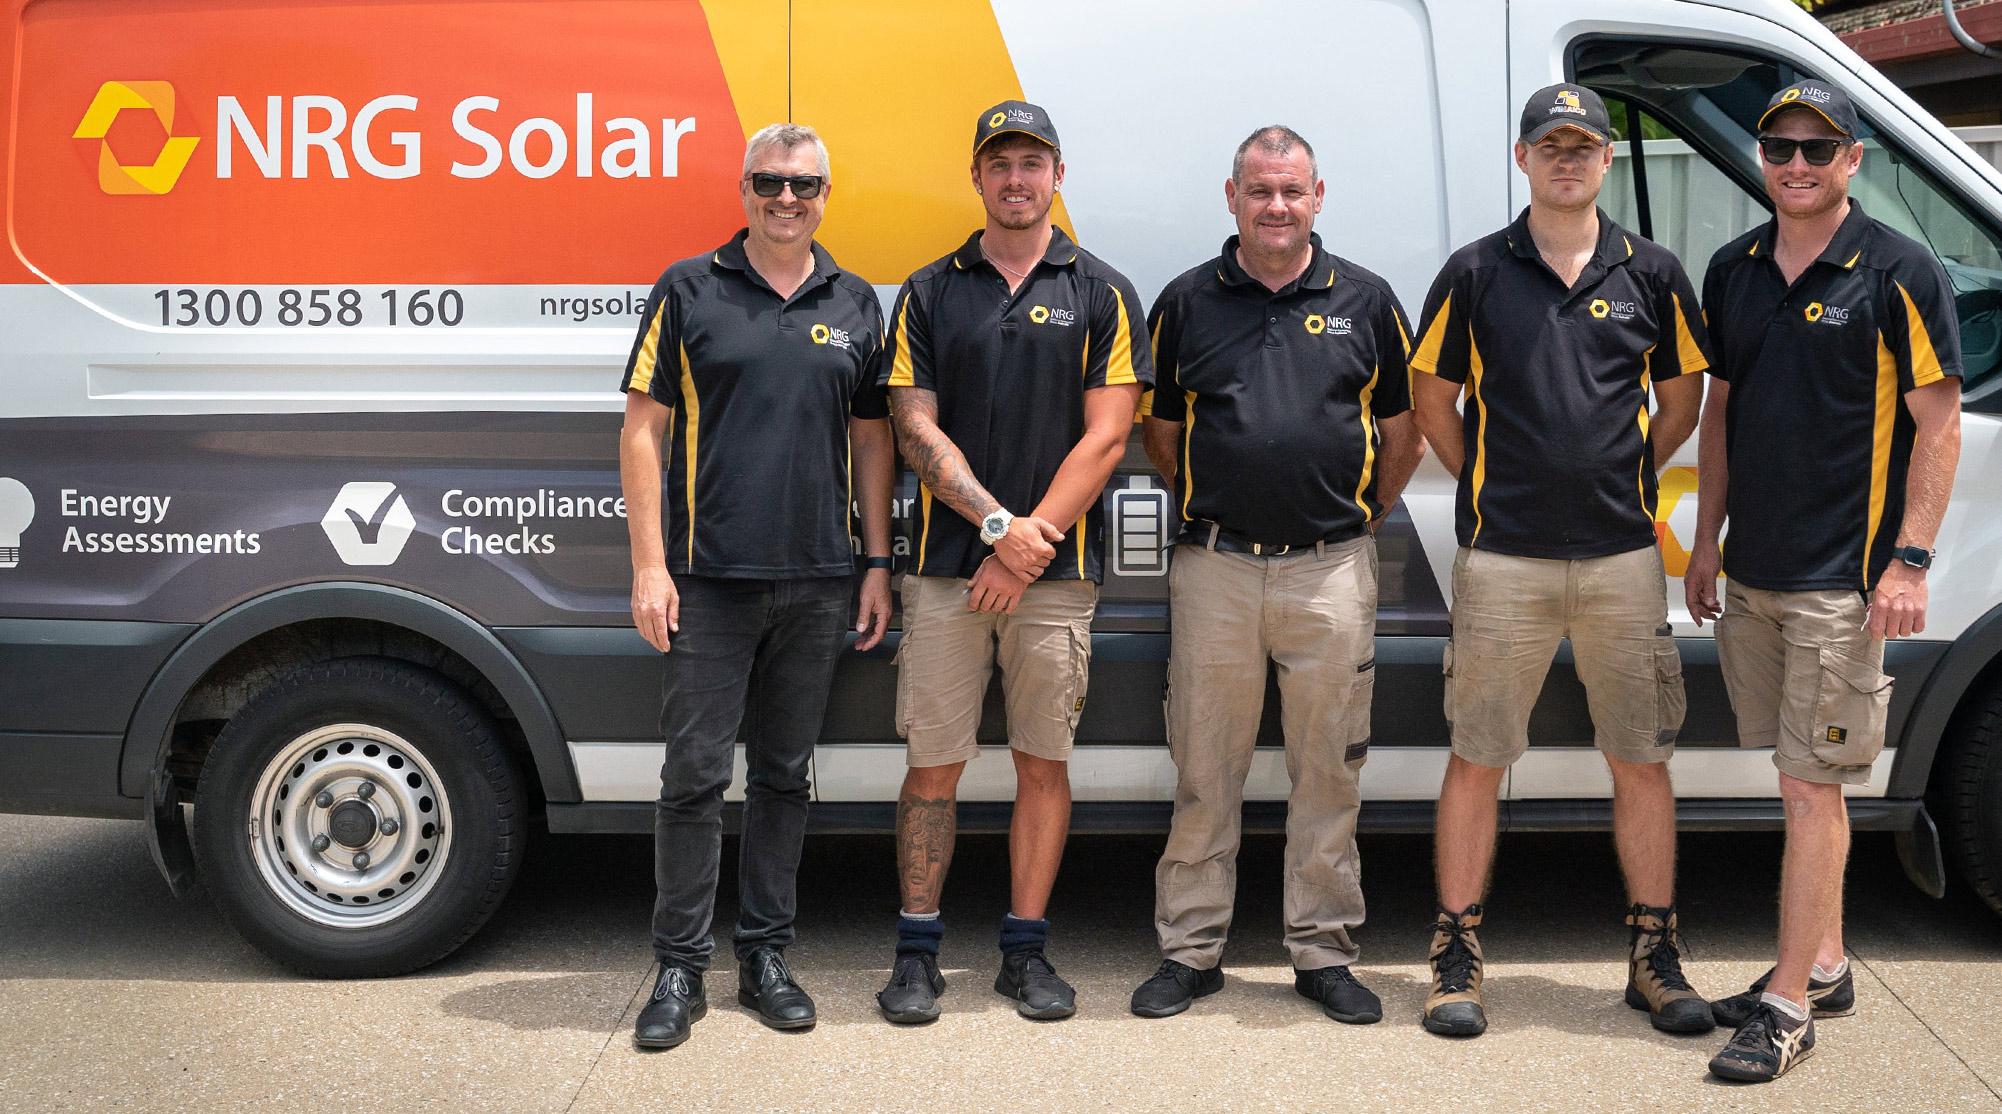 The NRG solar power team of technicians